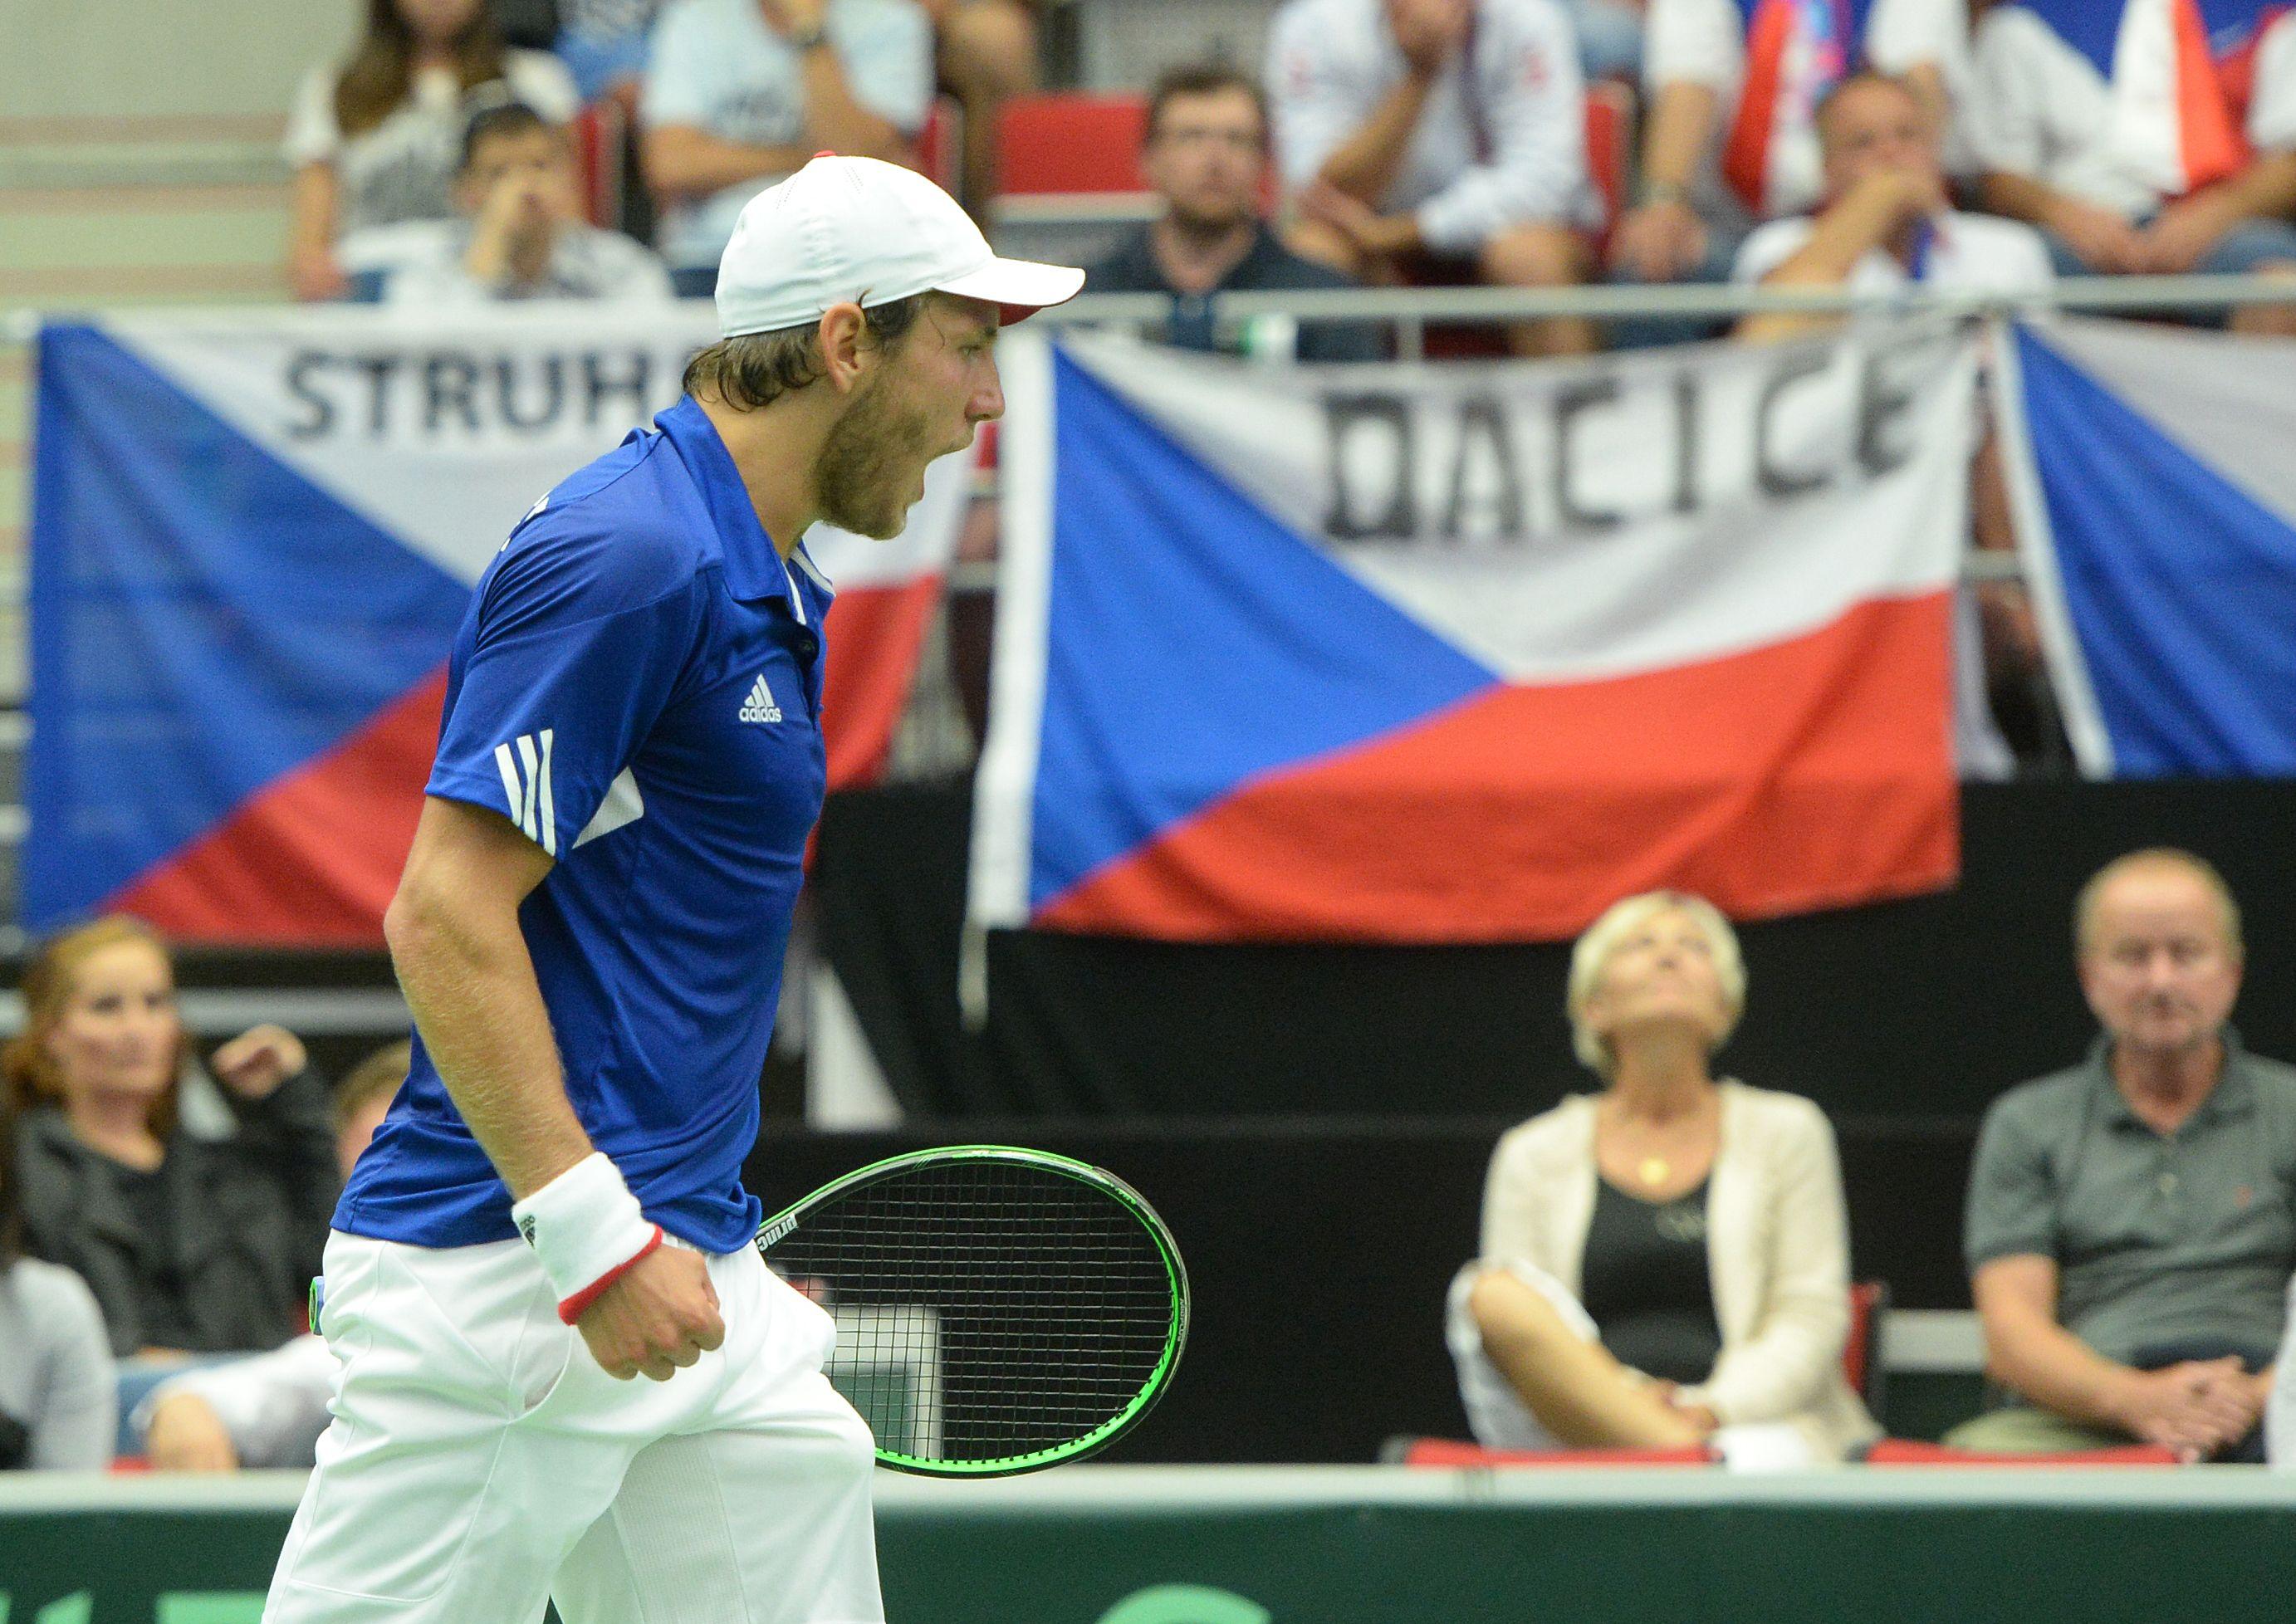 Les bleus tennis